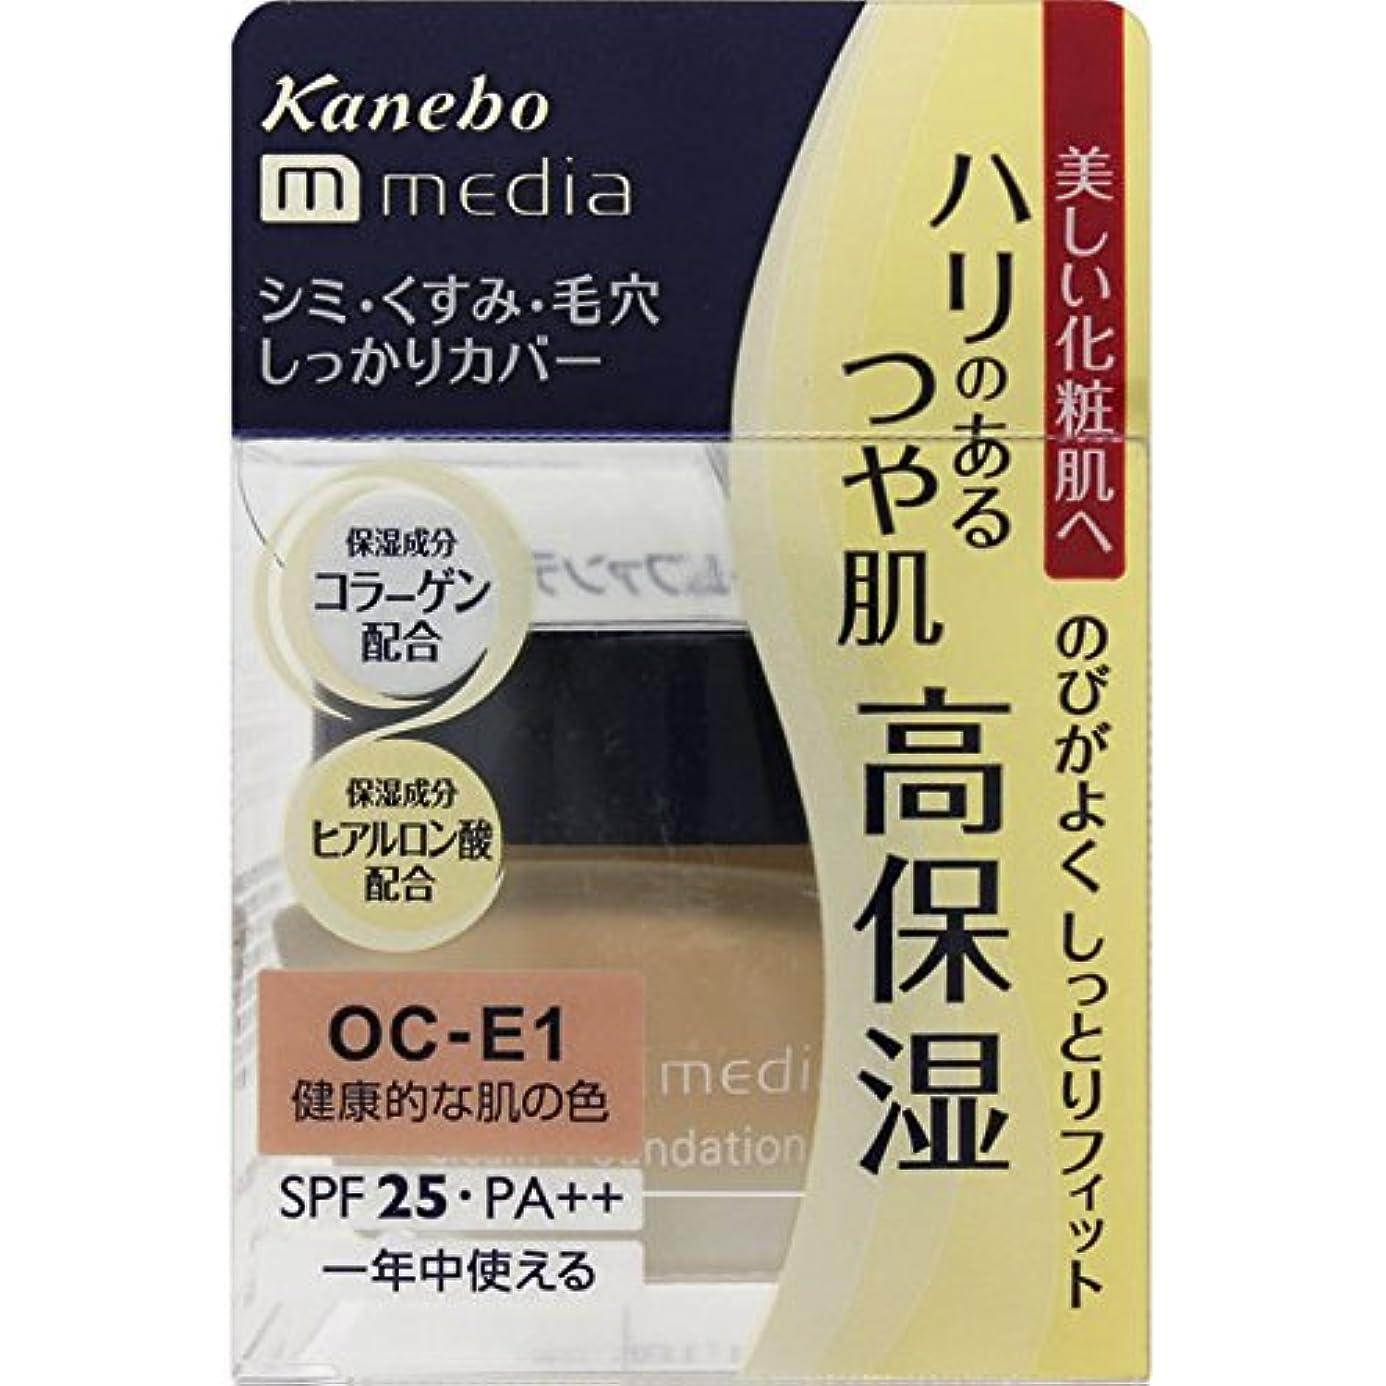 リーダーシップシュリンク逃れるカネボウ media(メディア) クリームファンデーション OC-E1(健康的な肌の色)